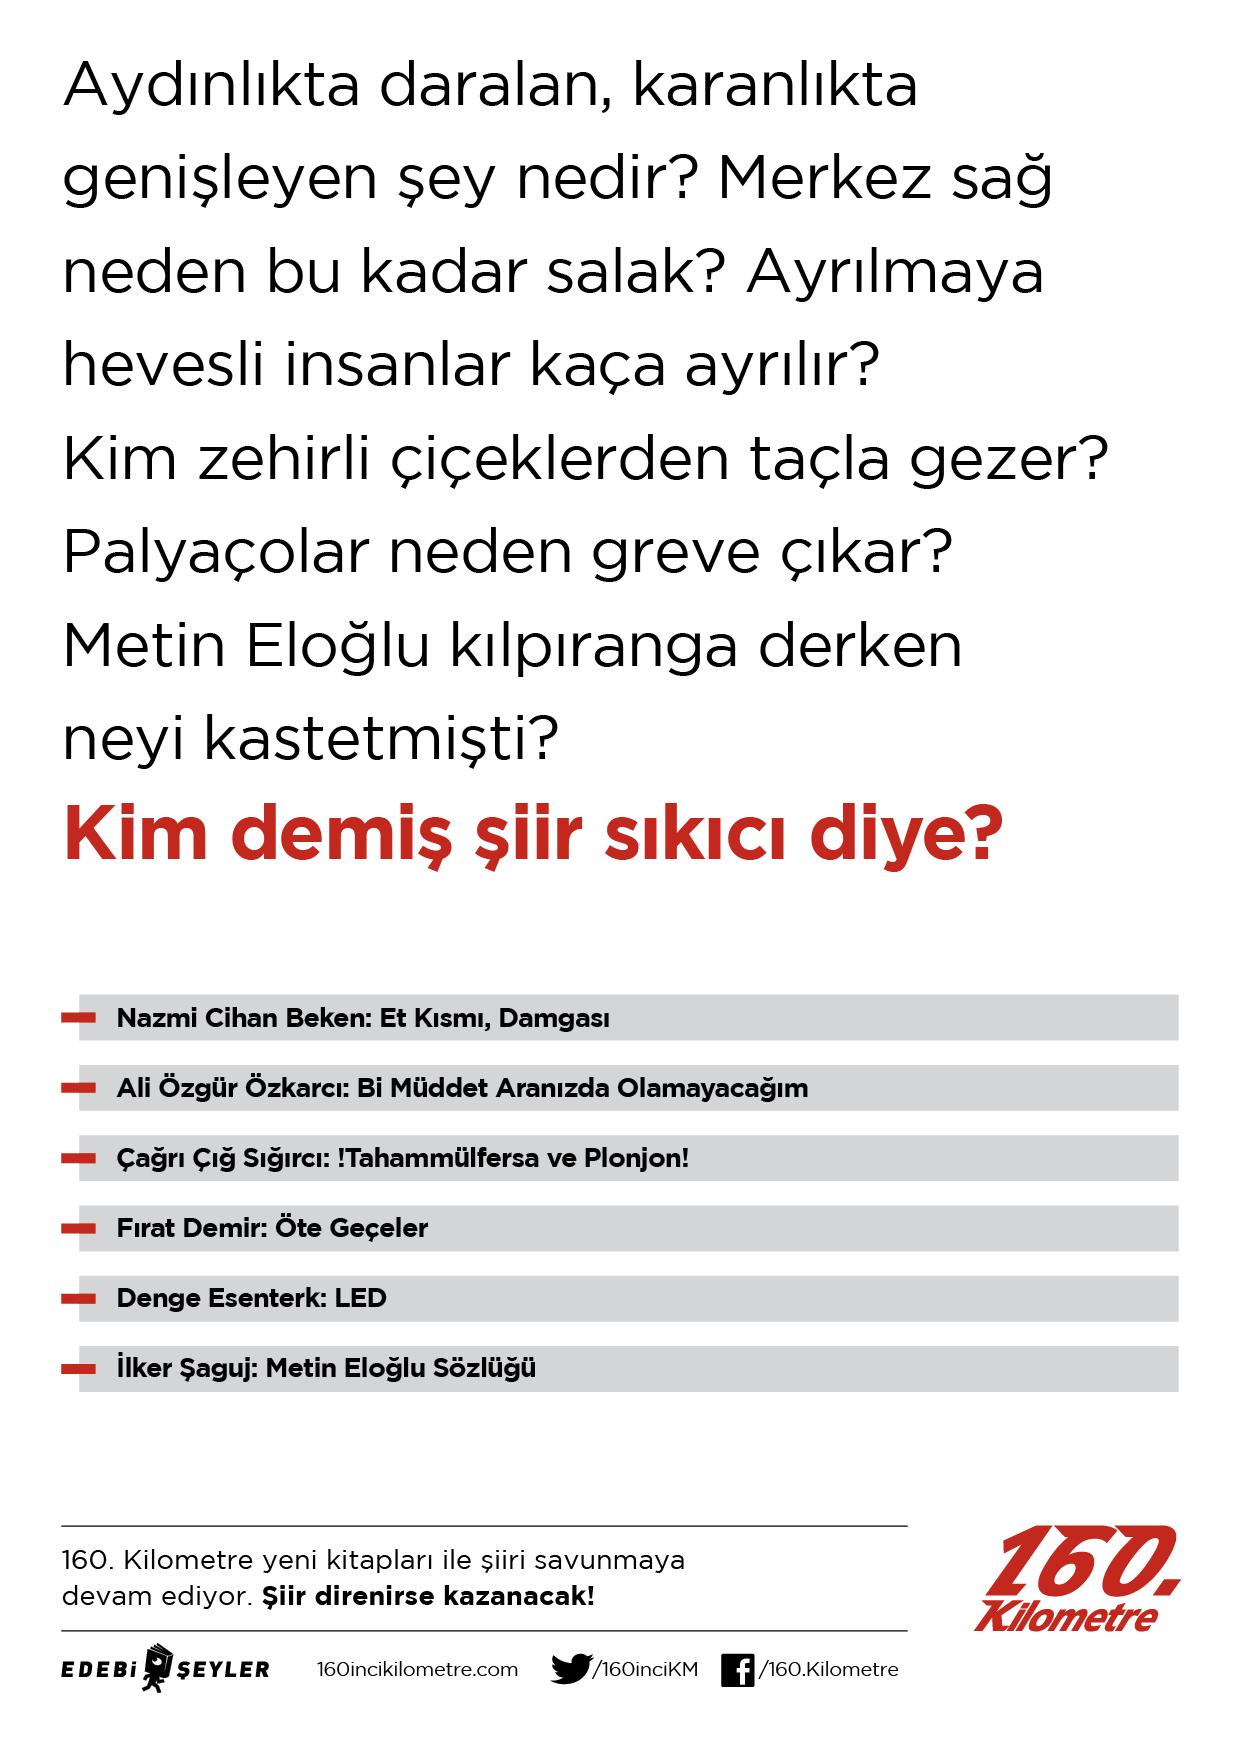 kimdemis0515